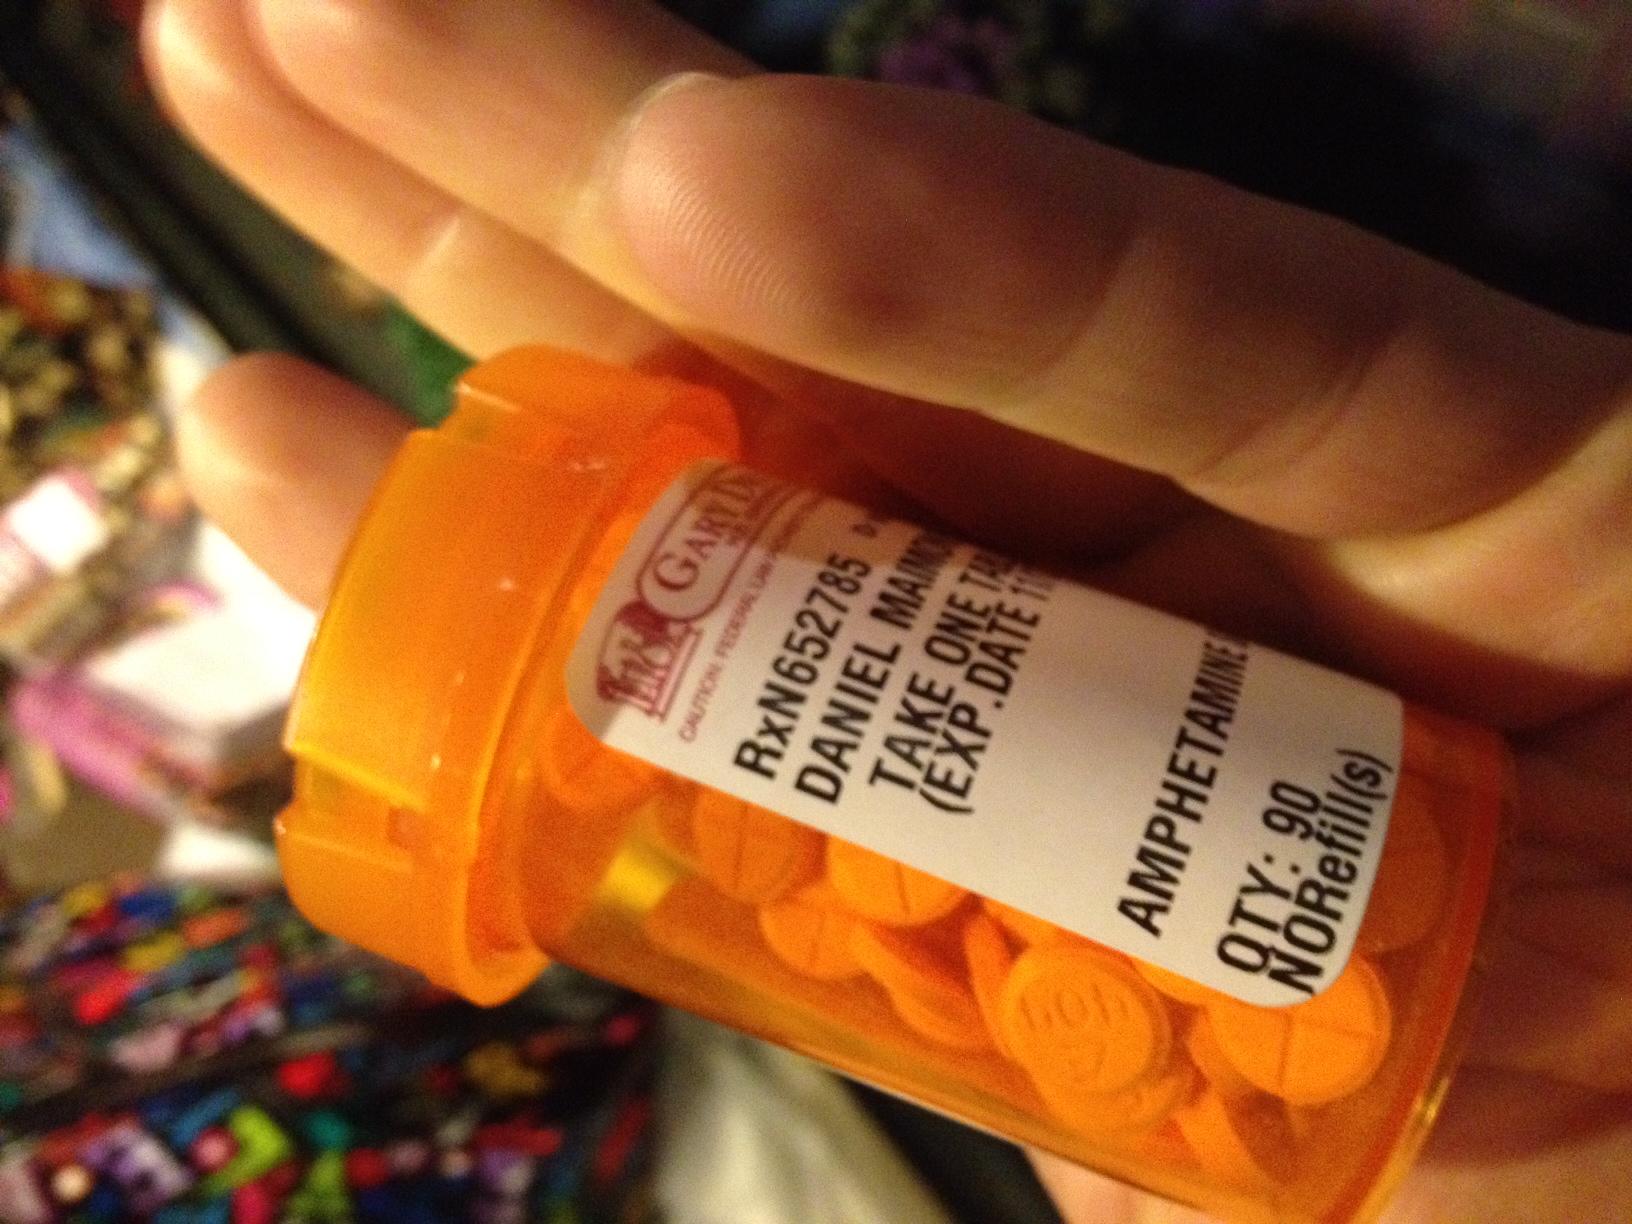 adderall xr prescription online